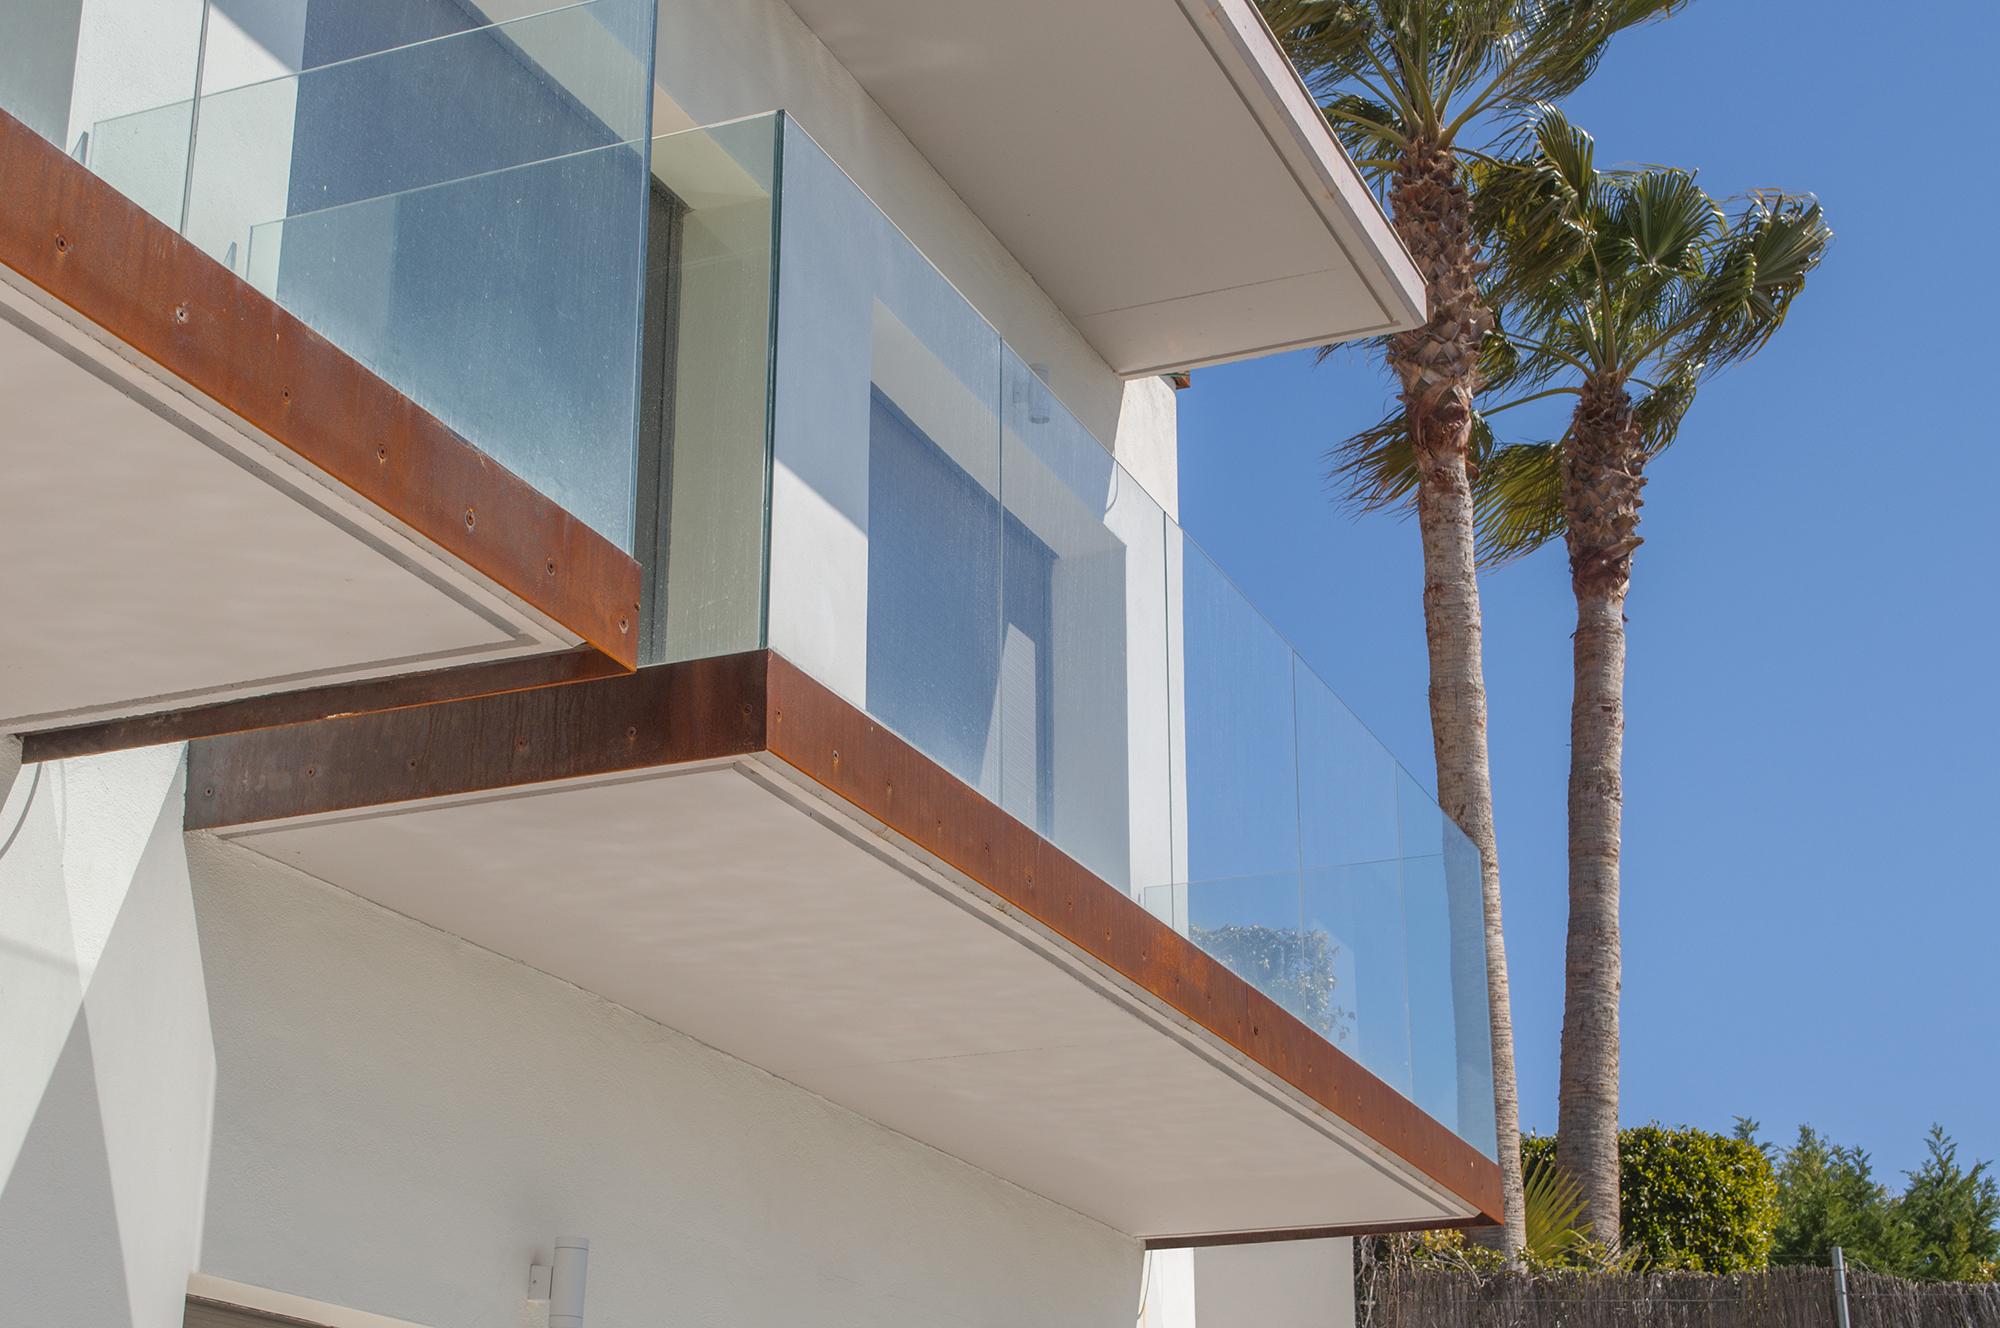 27-rardo-architects-casas-en-sitges-balcones-acero-corten-ventanas